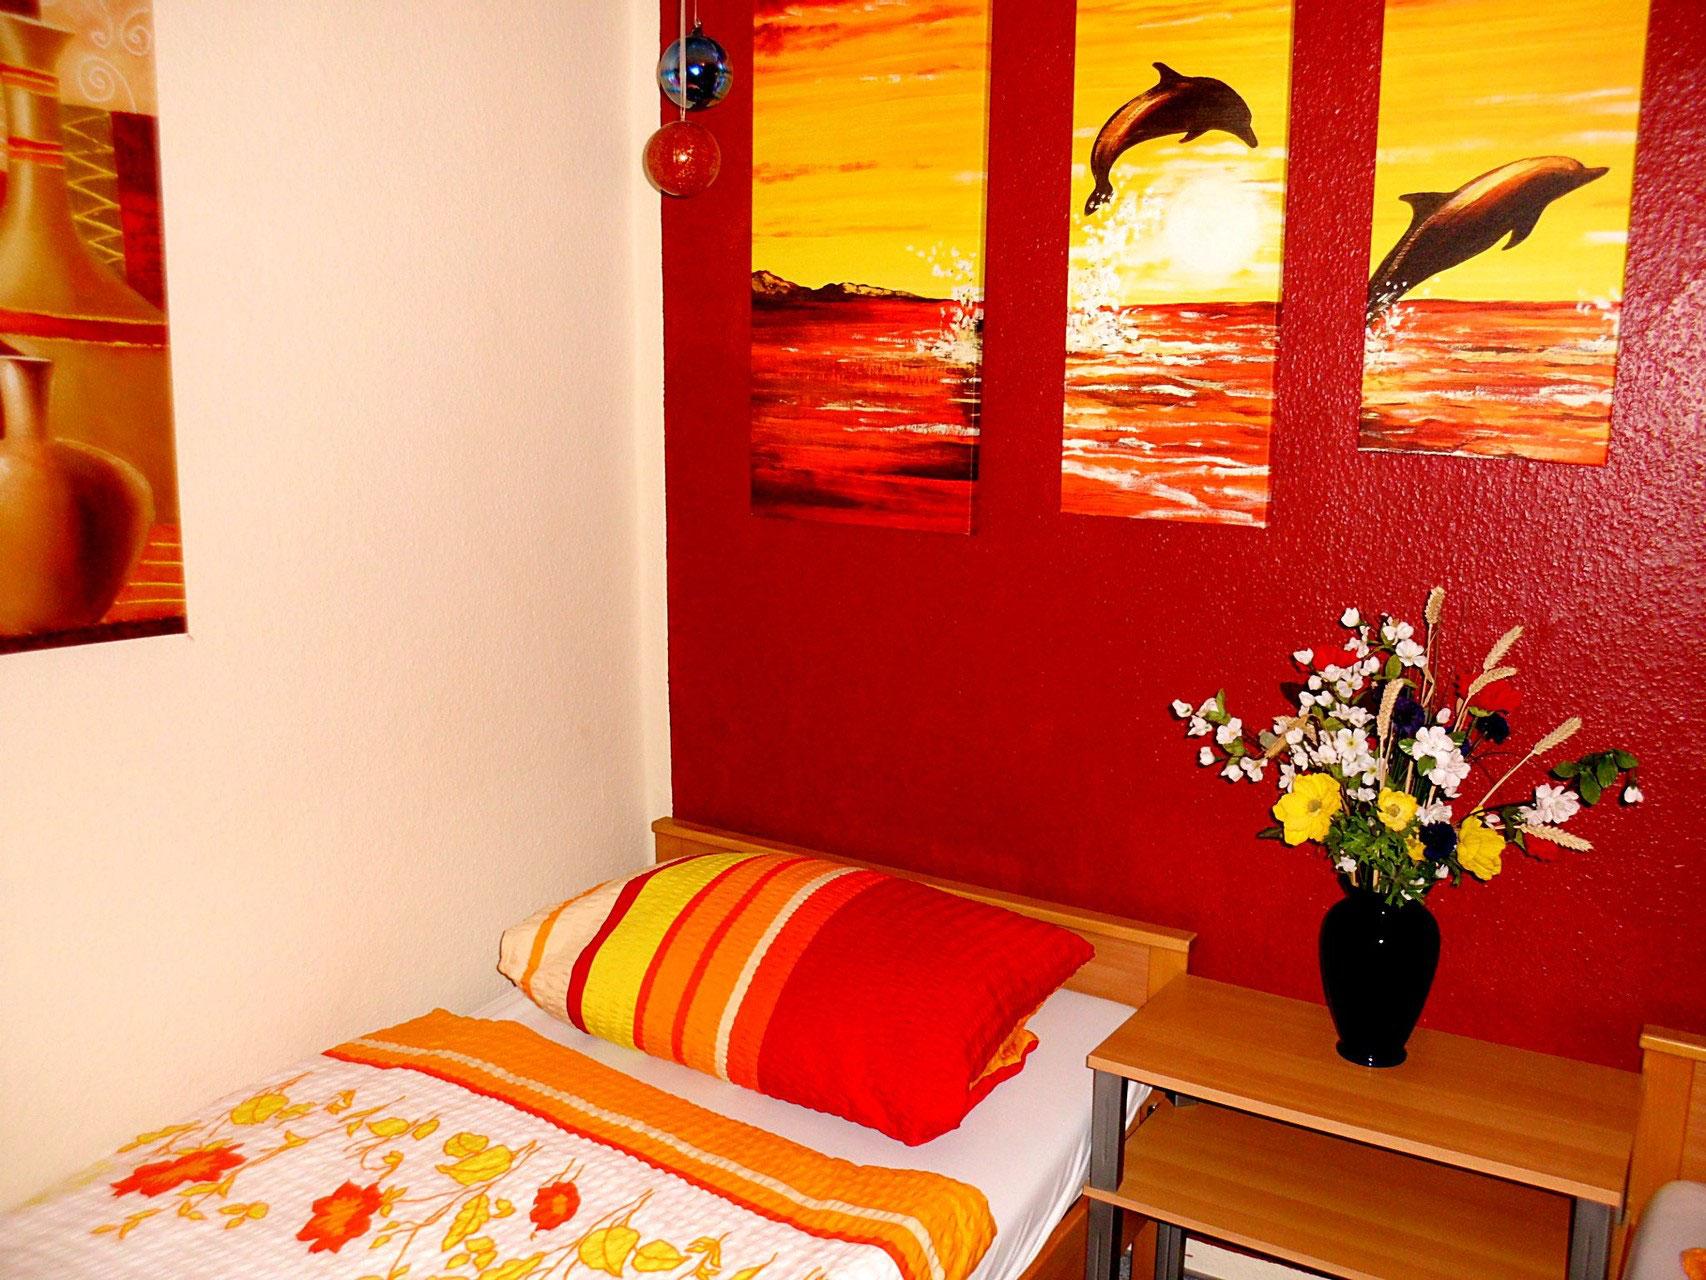 zimmer monteurzimmer in l beck gut und g nstig unterkunft l beck gut und g nstig tel. Black Bedroom Furniture Sets. Home Design Ideas